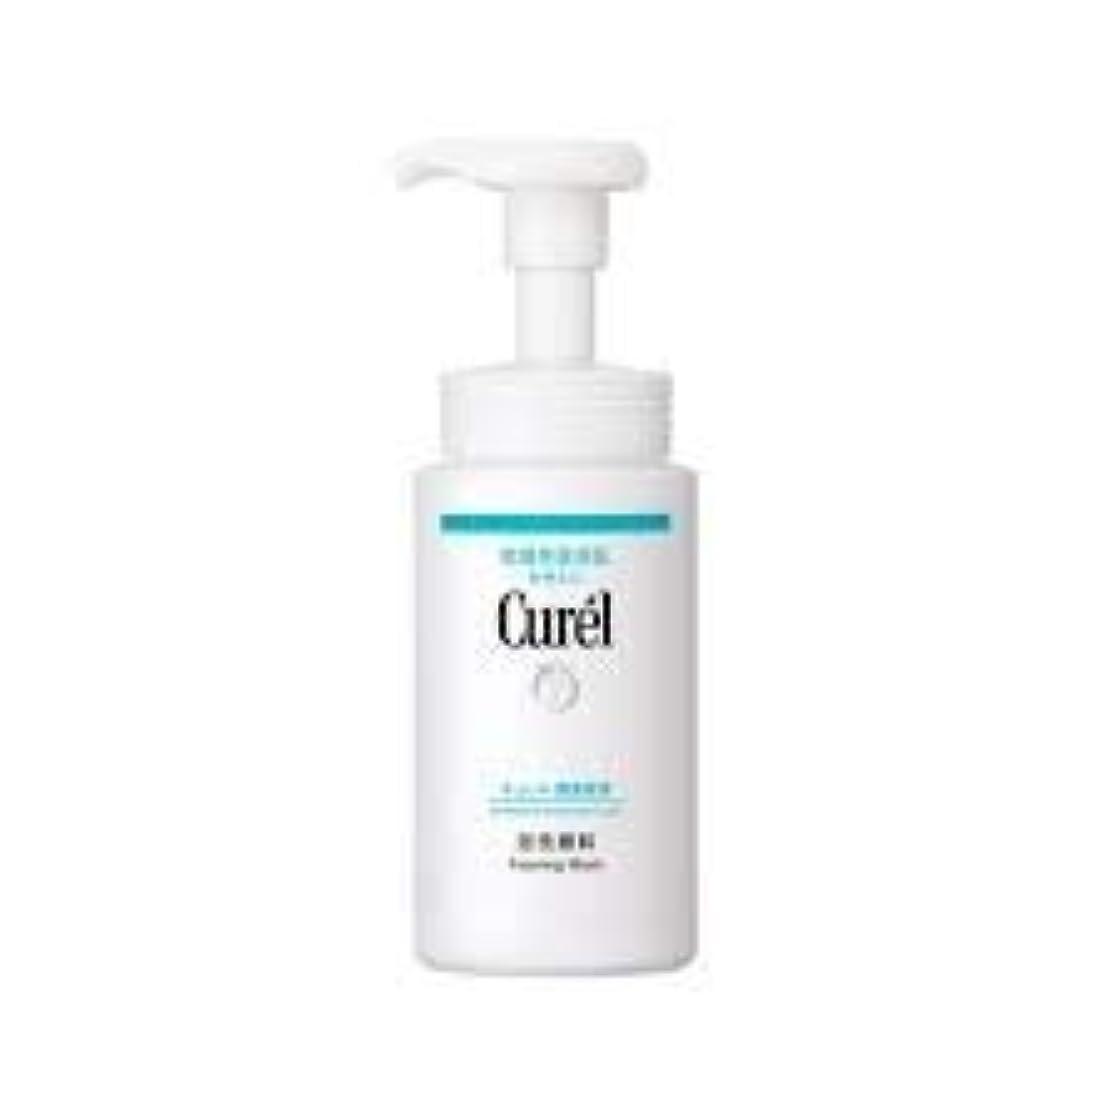 抵抗する二十アドバンテージCurél キュレル集中治療保湿泡風呂ゲル150ミリリットル - セラミドの保護や食材を清掃含まれ、皮膚に圧力を最小限にします